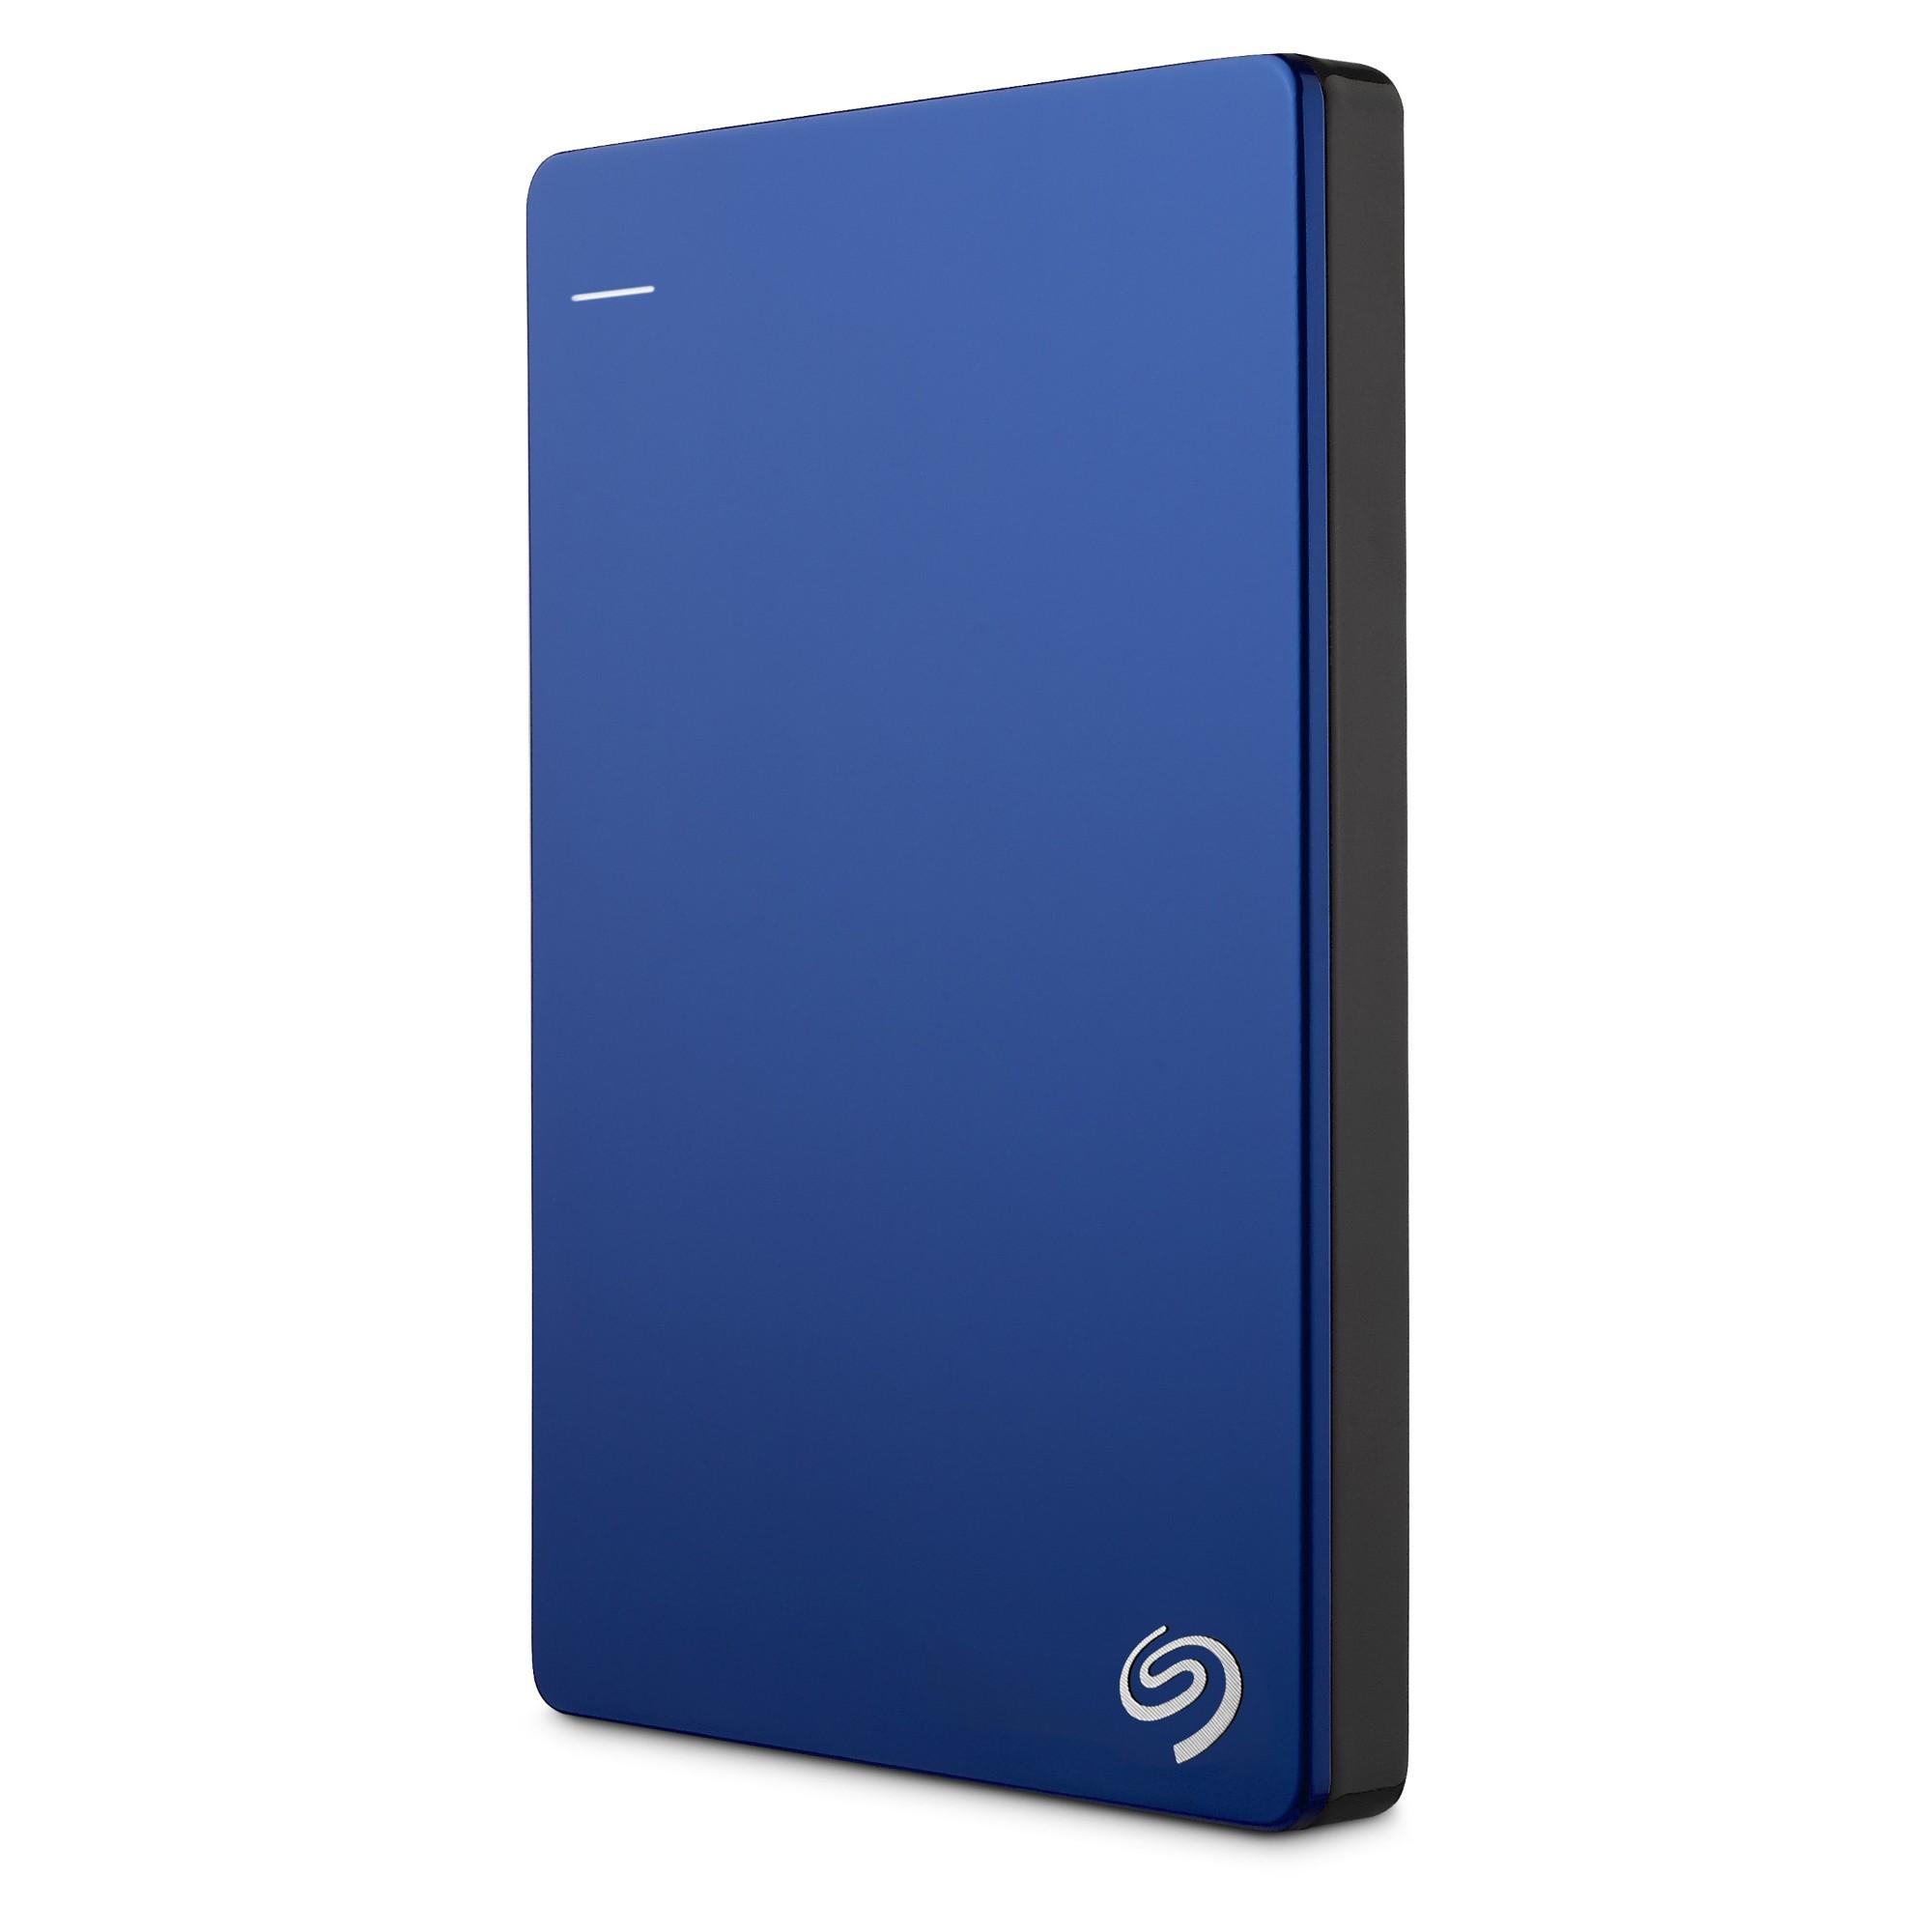 Seagate Backup Plus Slim draagbare schijf 1TB, Blauw